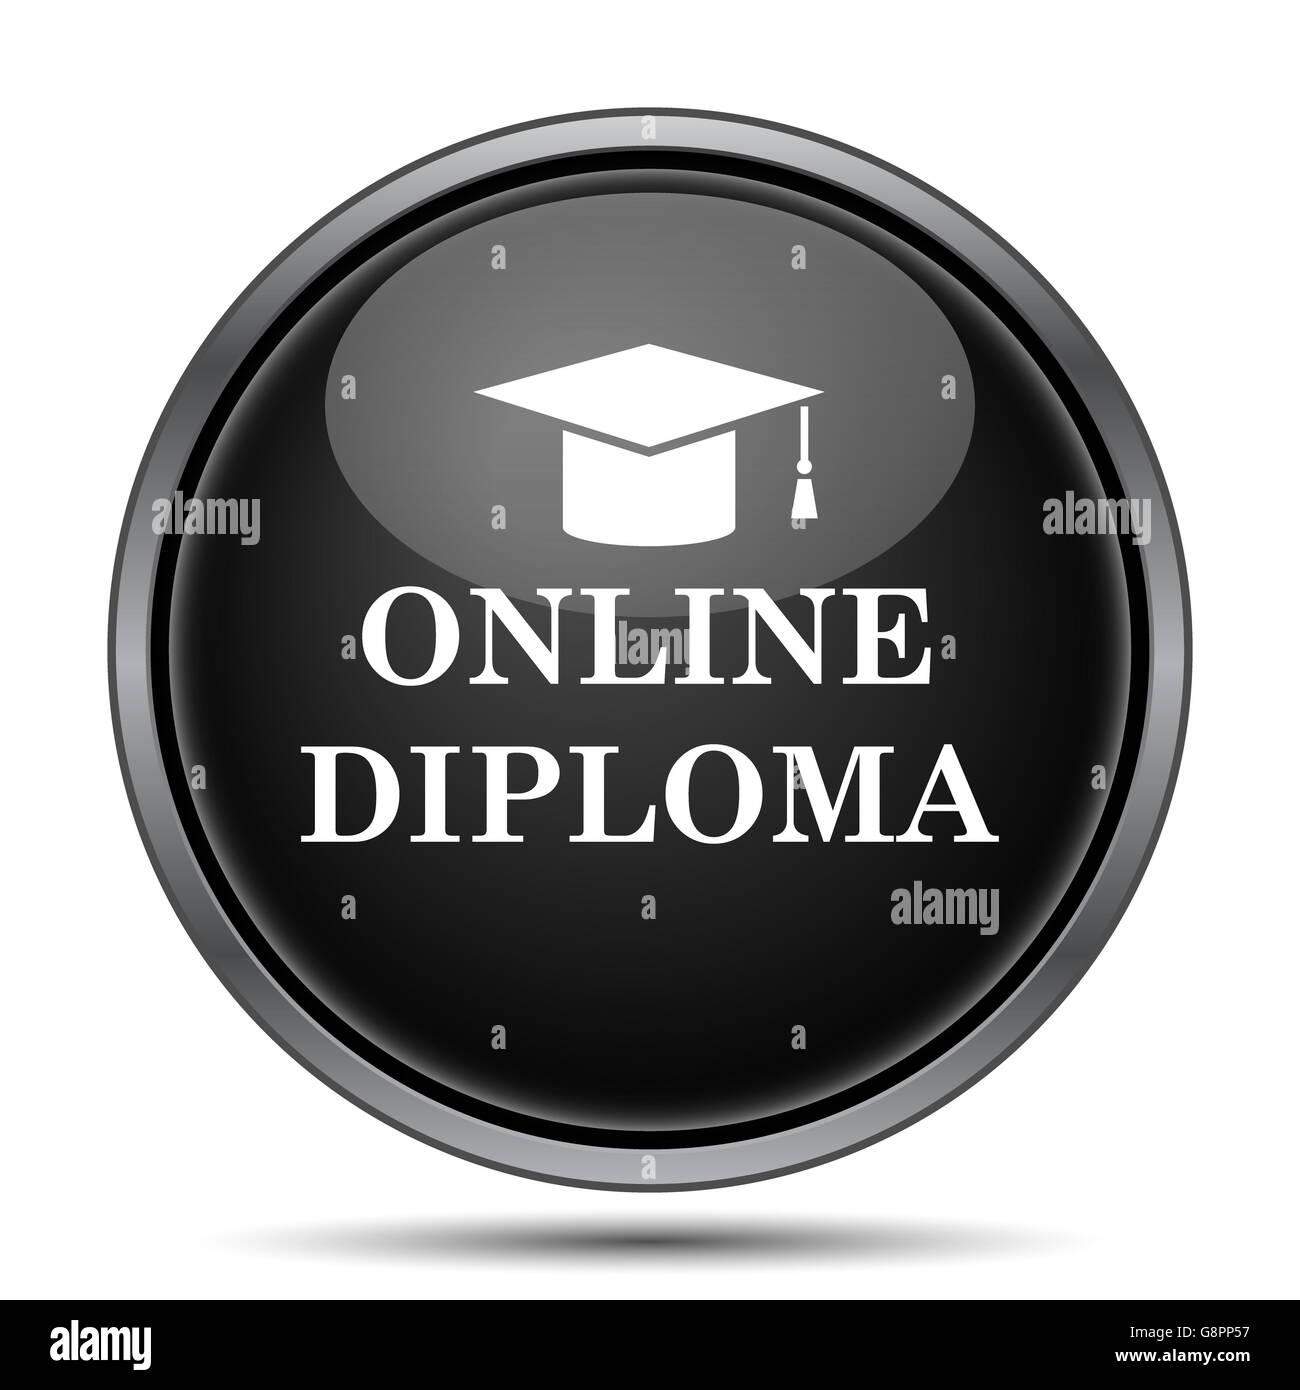 online diploma icon internet button on white background stock  online diploma icon internet button on white background